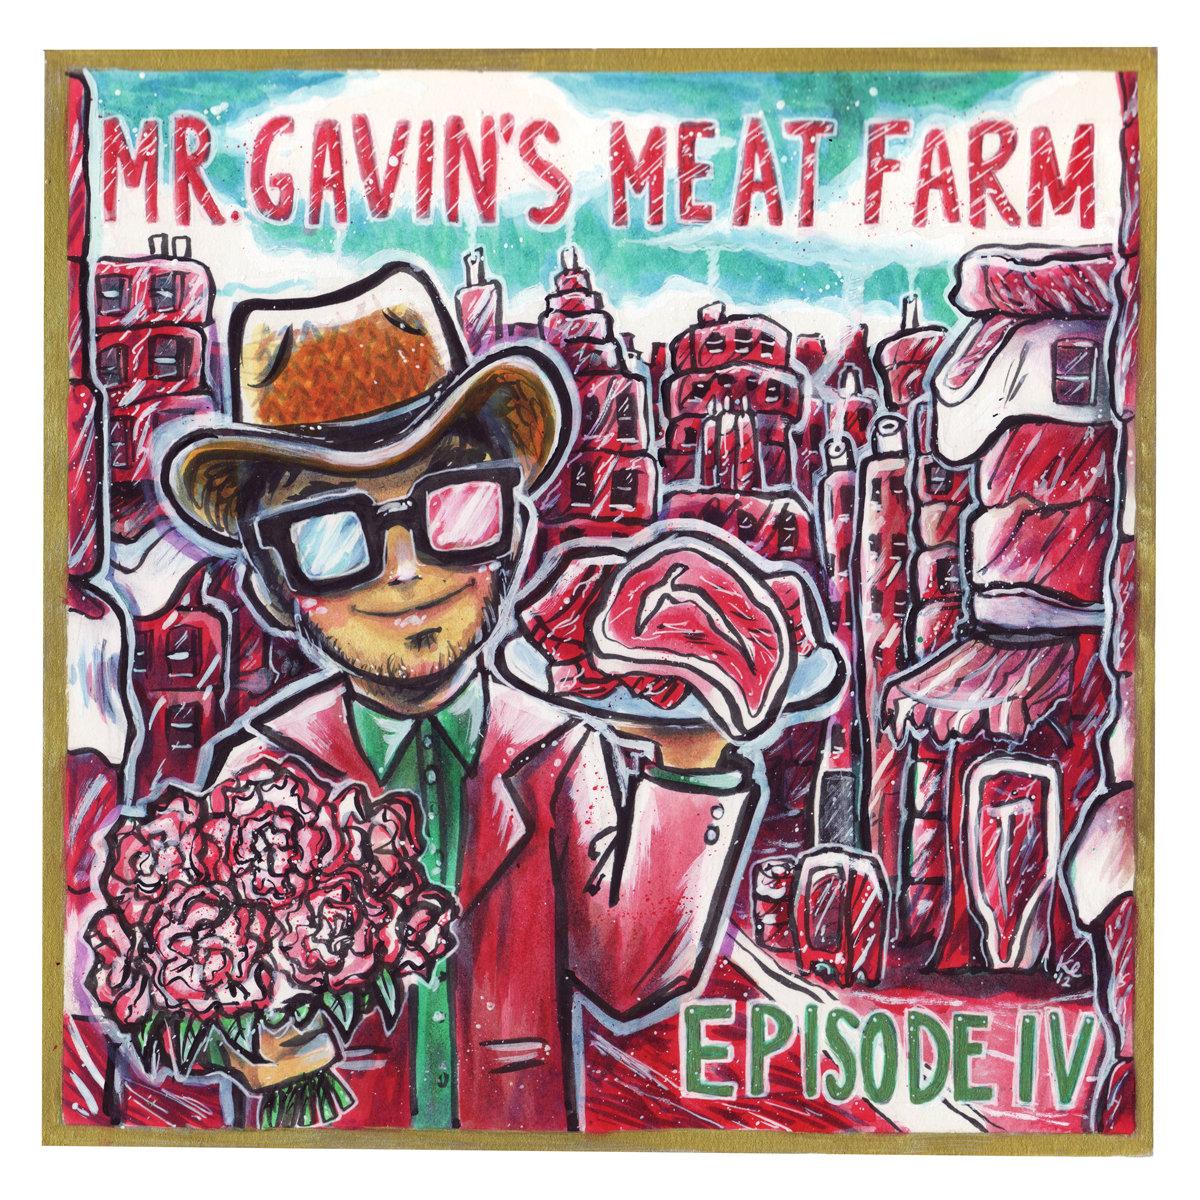 Episode IV by Mr. Gavin's Meat Farm